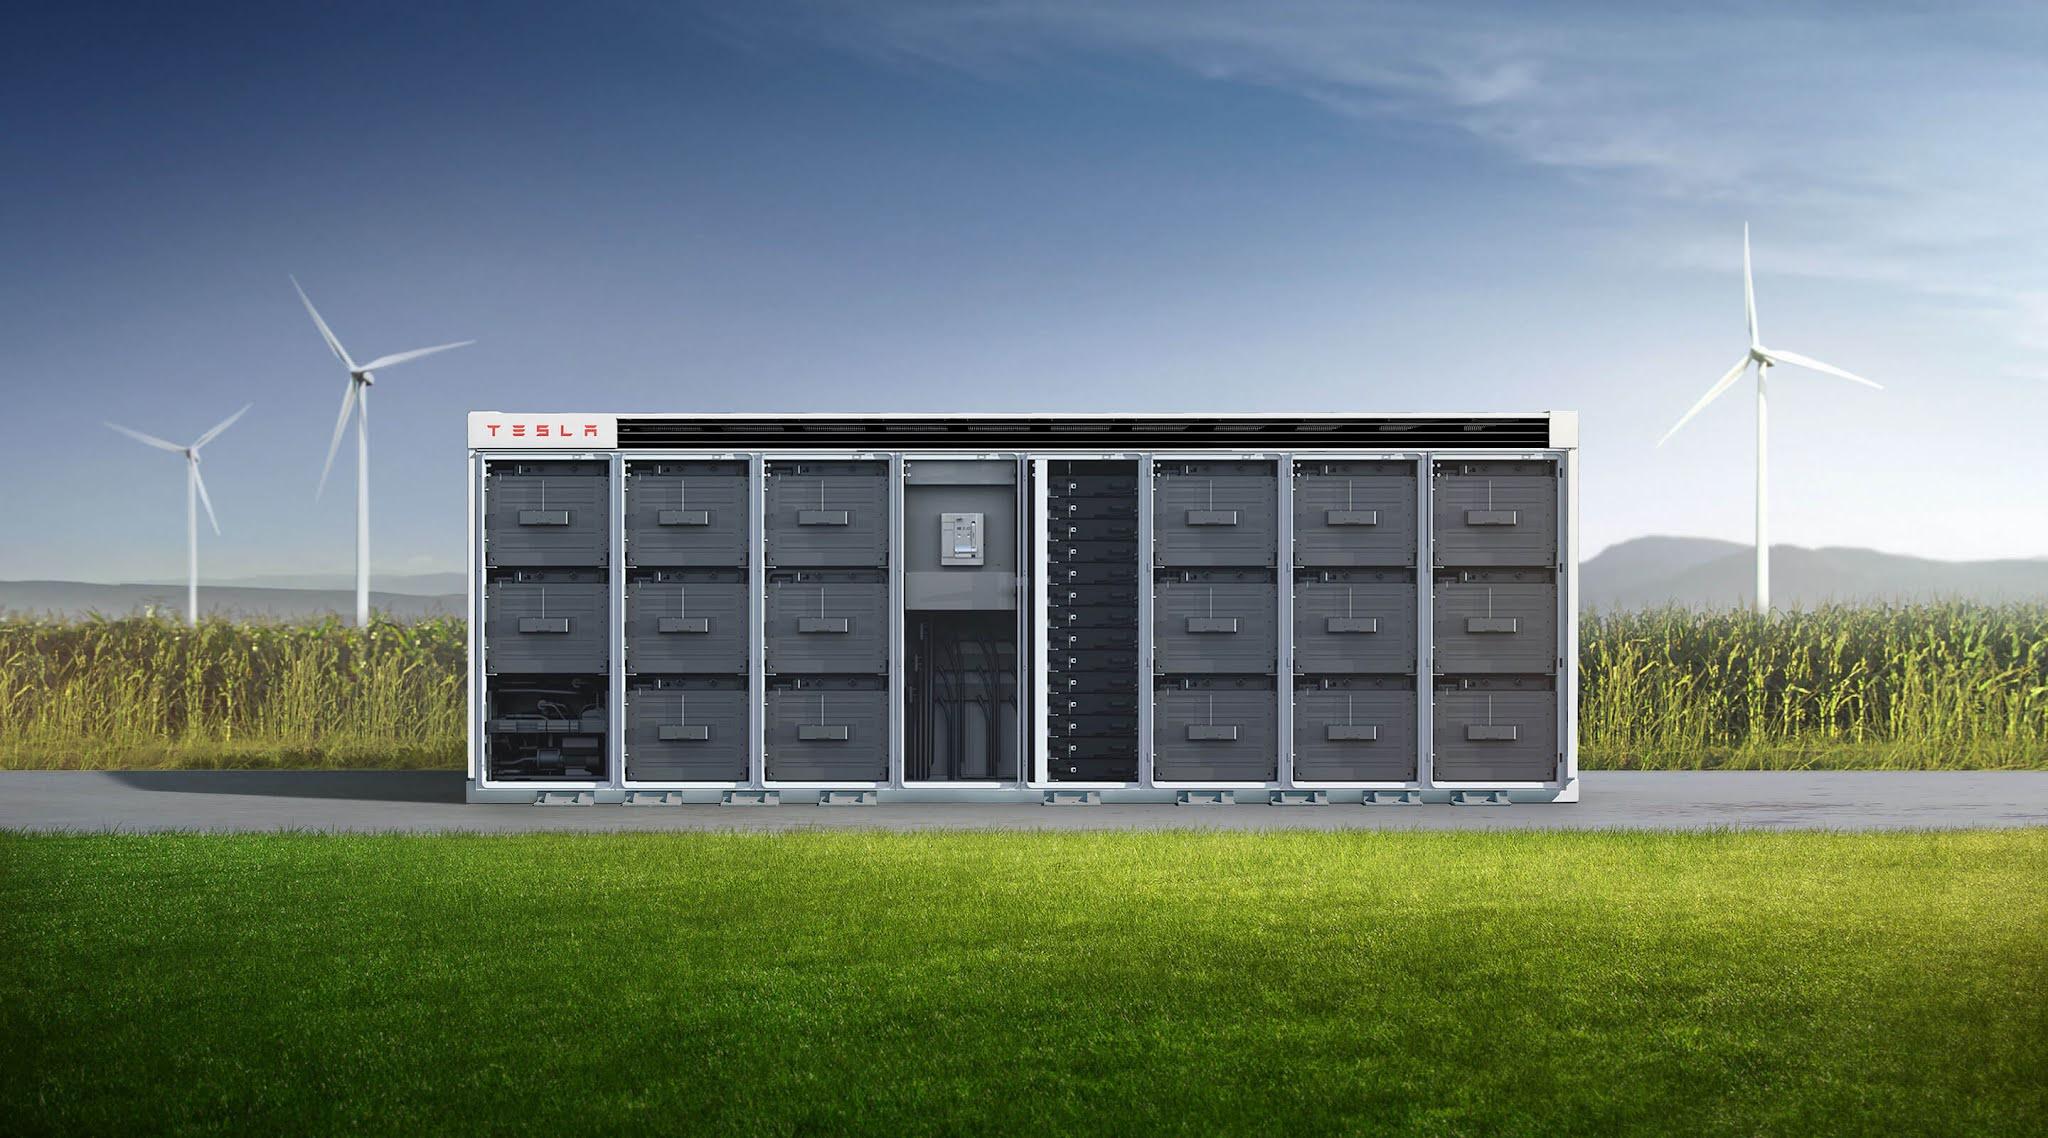 Las baterías Megapack de Tesla se agotan hasta finales de 2022 😮